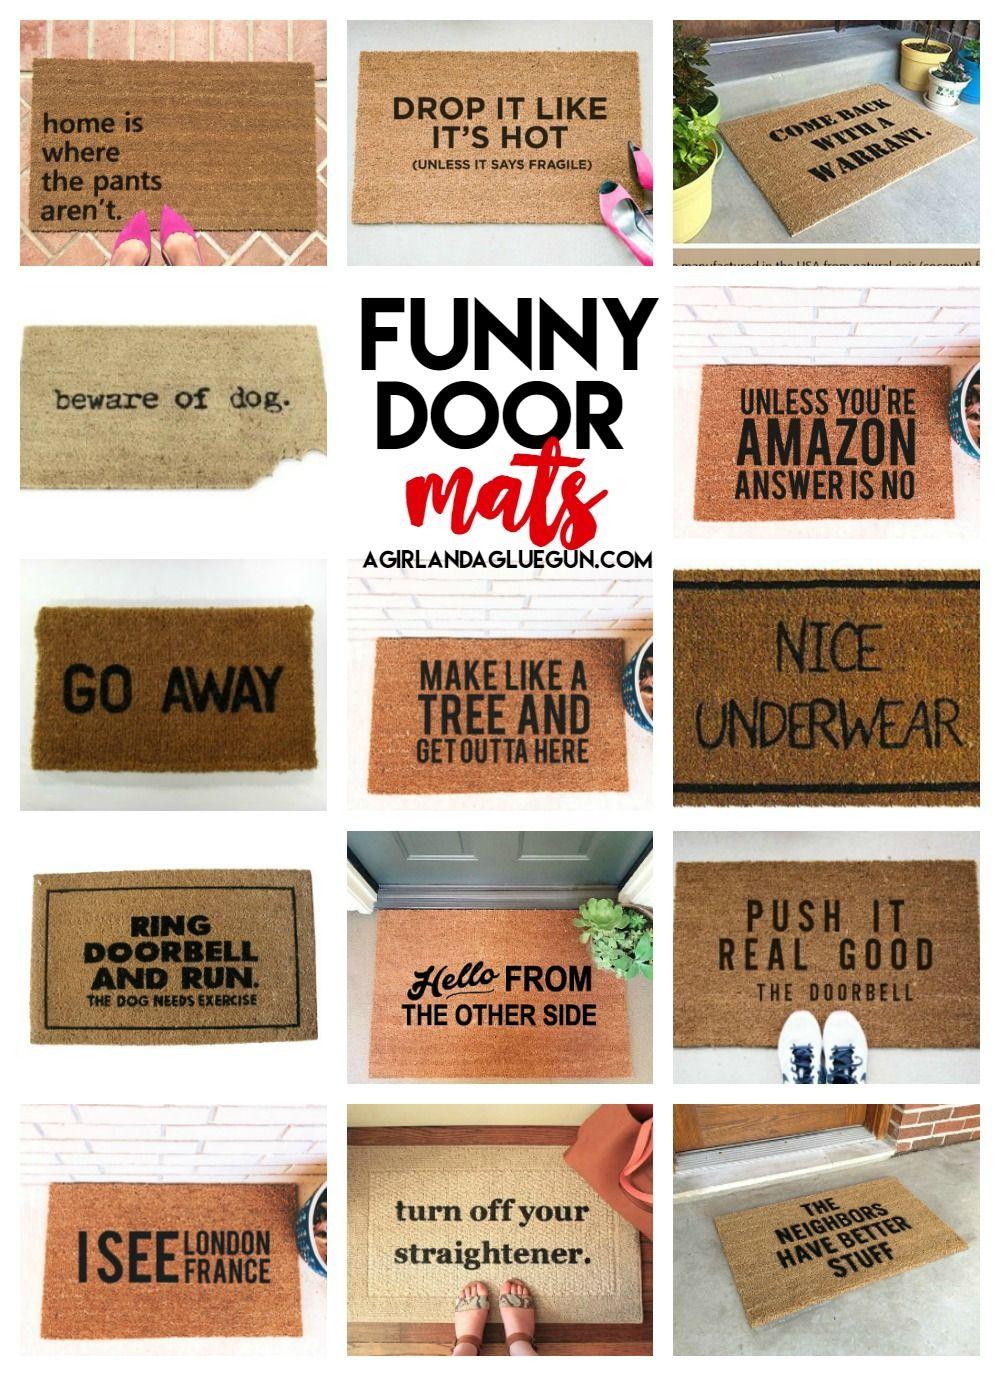 I'm pretty sure I need a new door mat